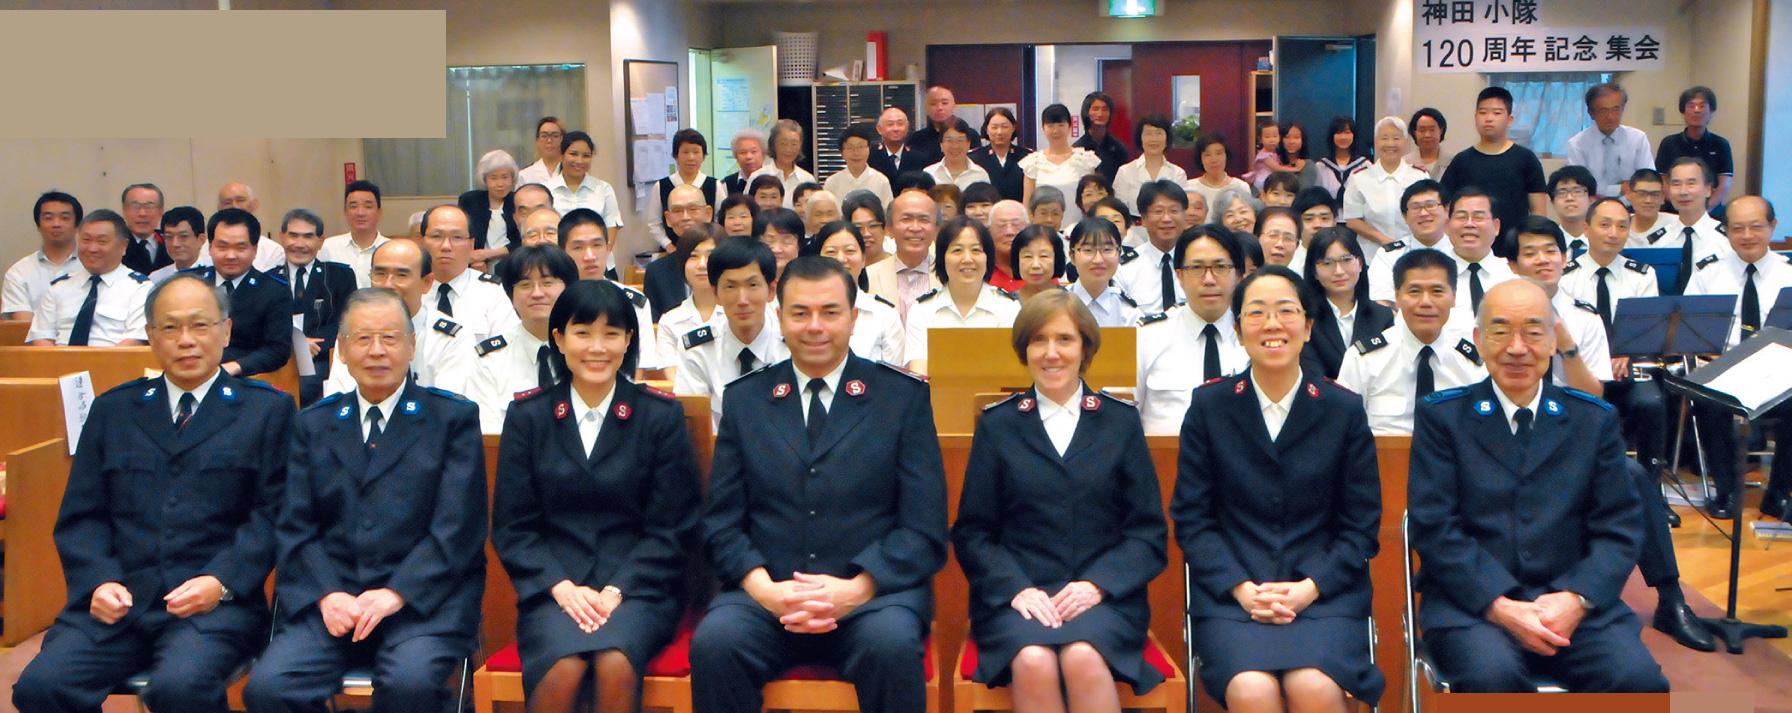 神田小隊120周年記念集会